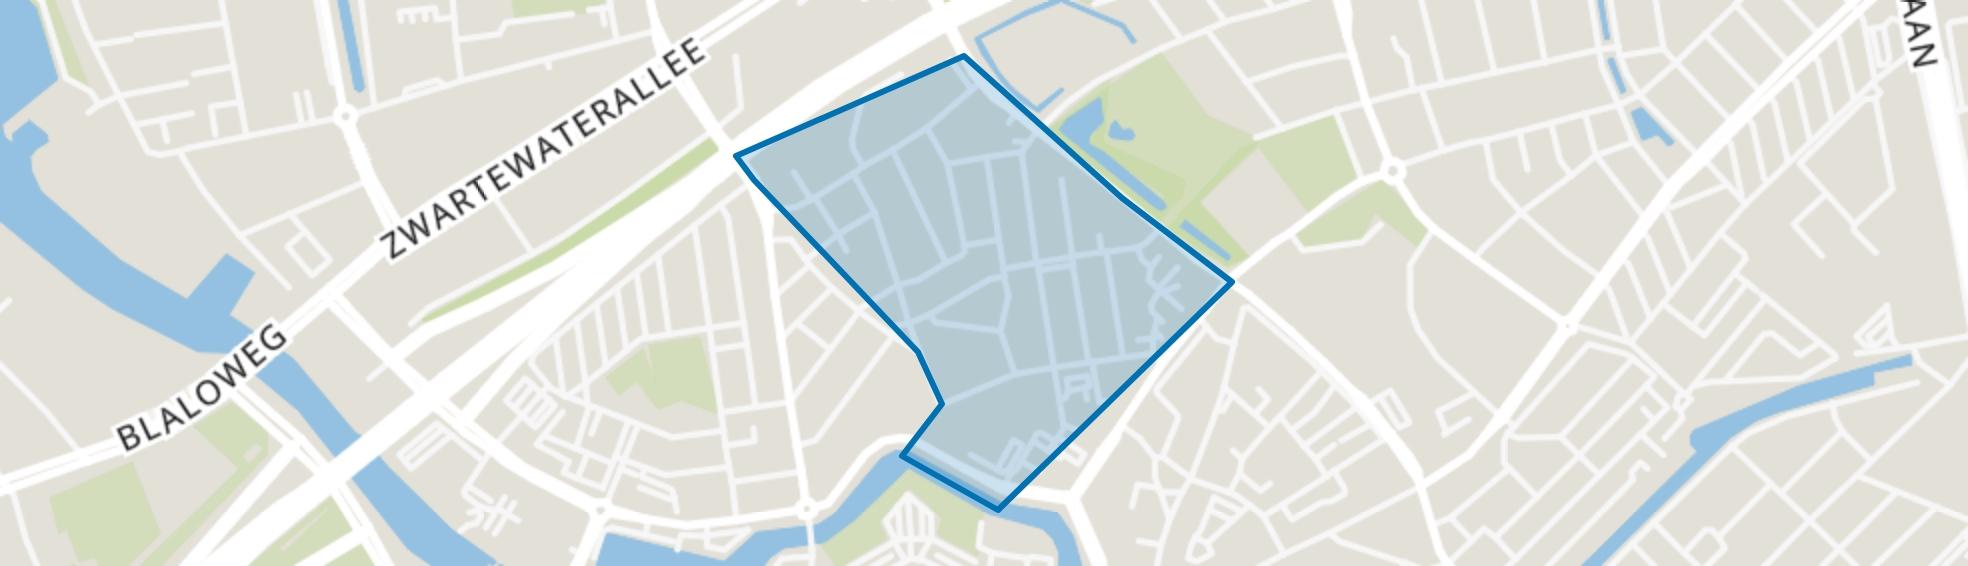 Bollebieste, Zwolle map